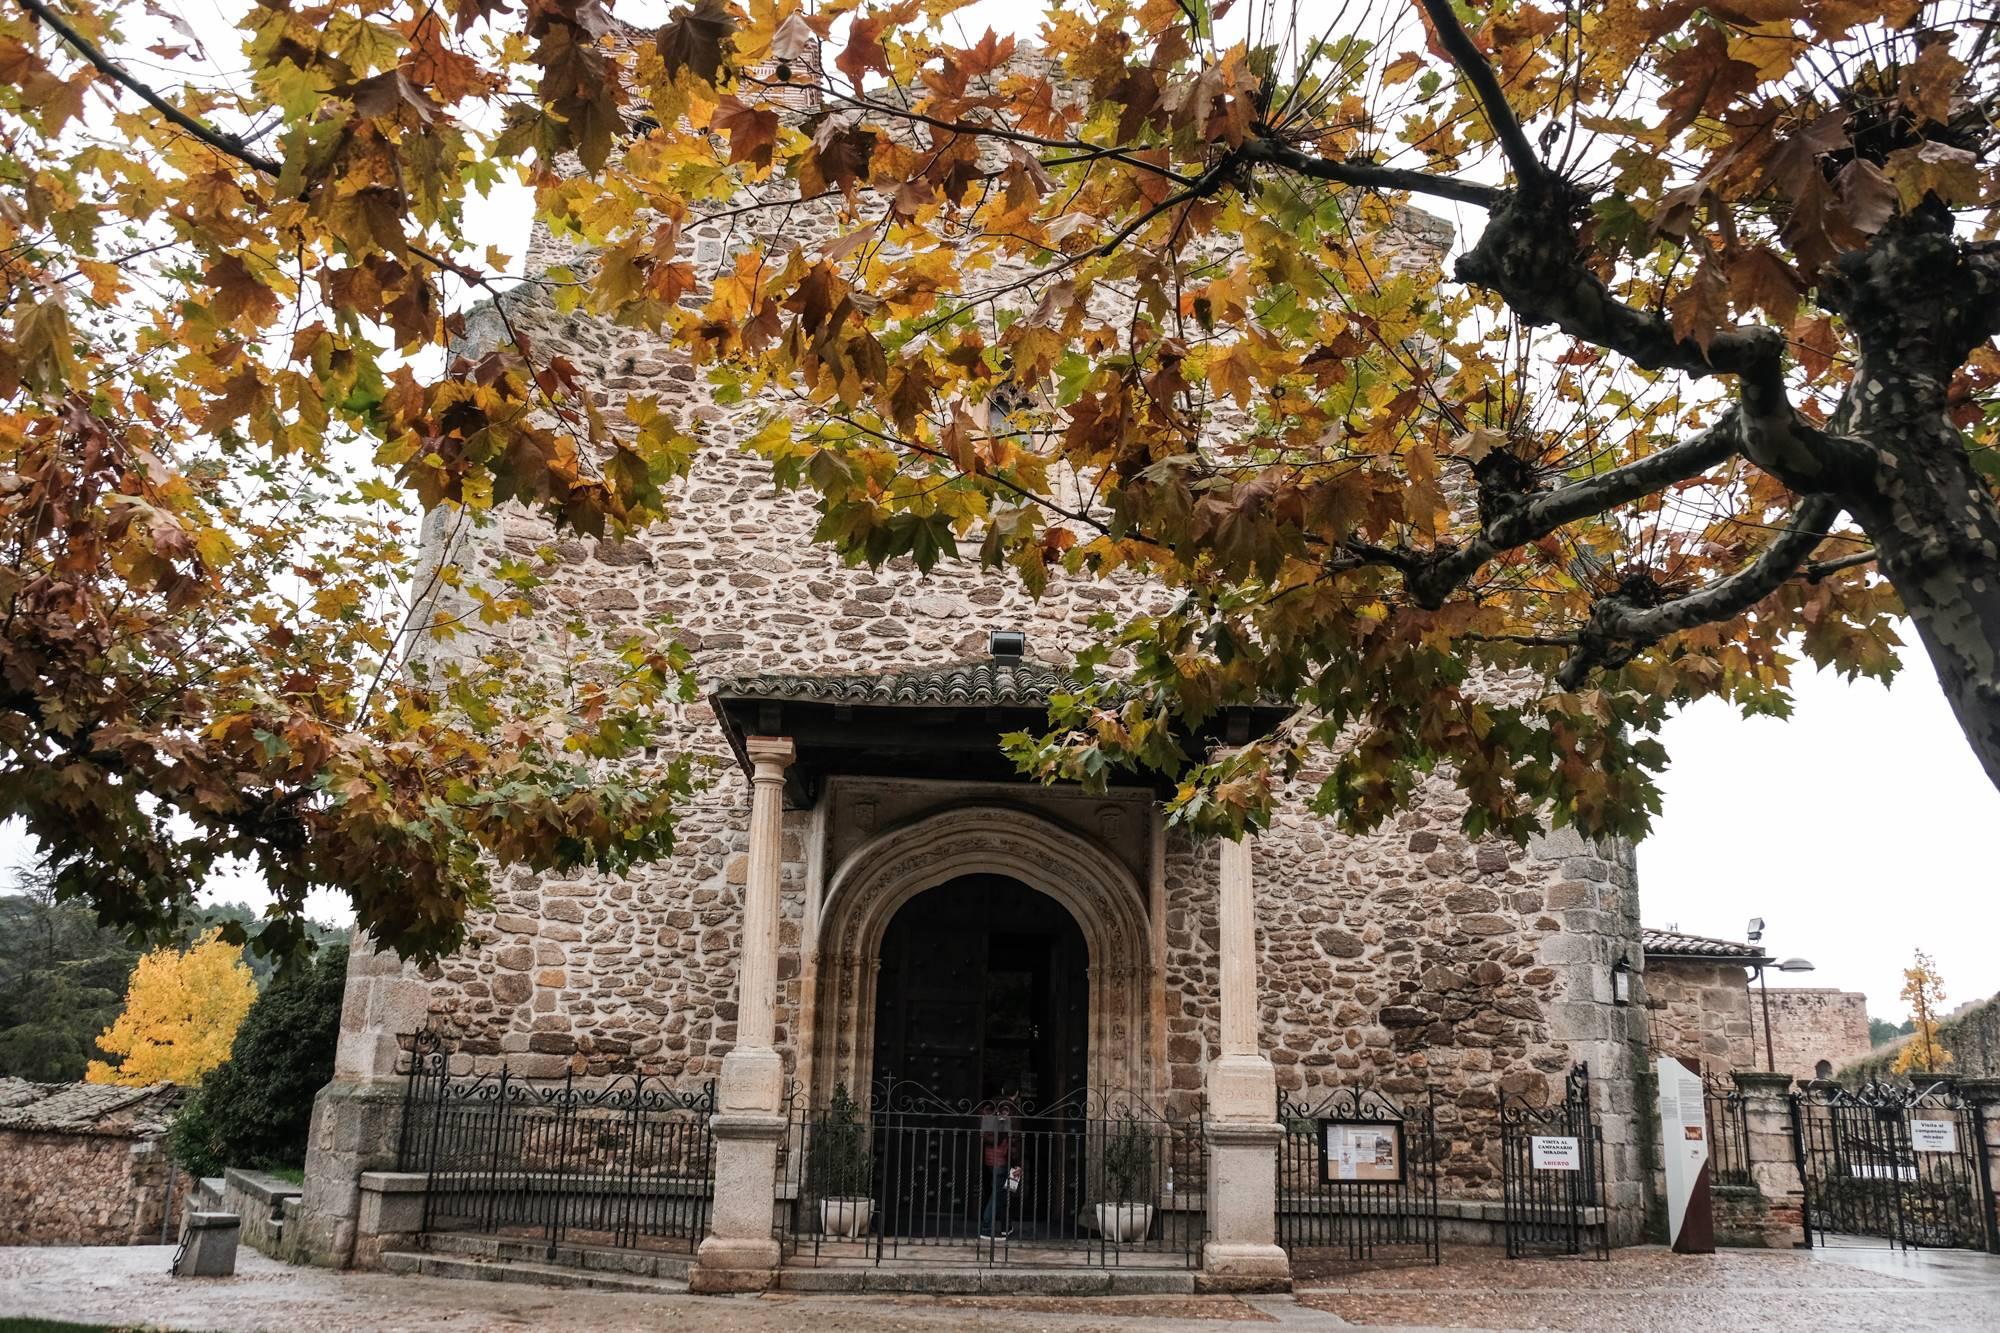 Iglesia de Santa María del Castillo, la única en pie de las cuatro que se llegaron a construir en Buitrago del Lozoya.